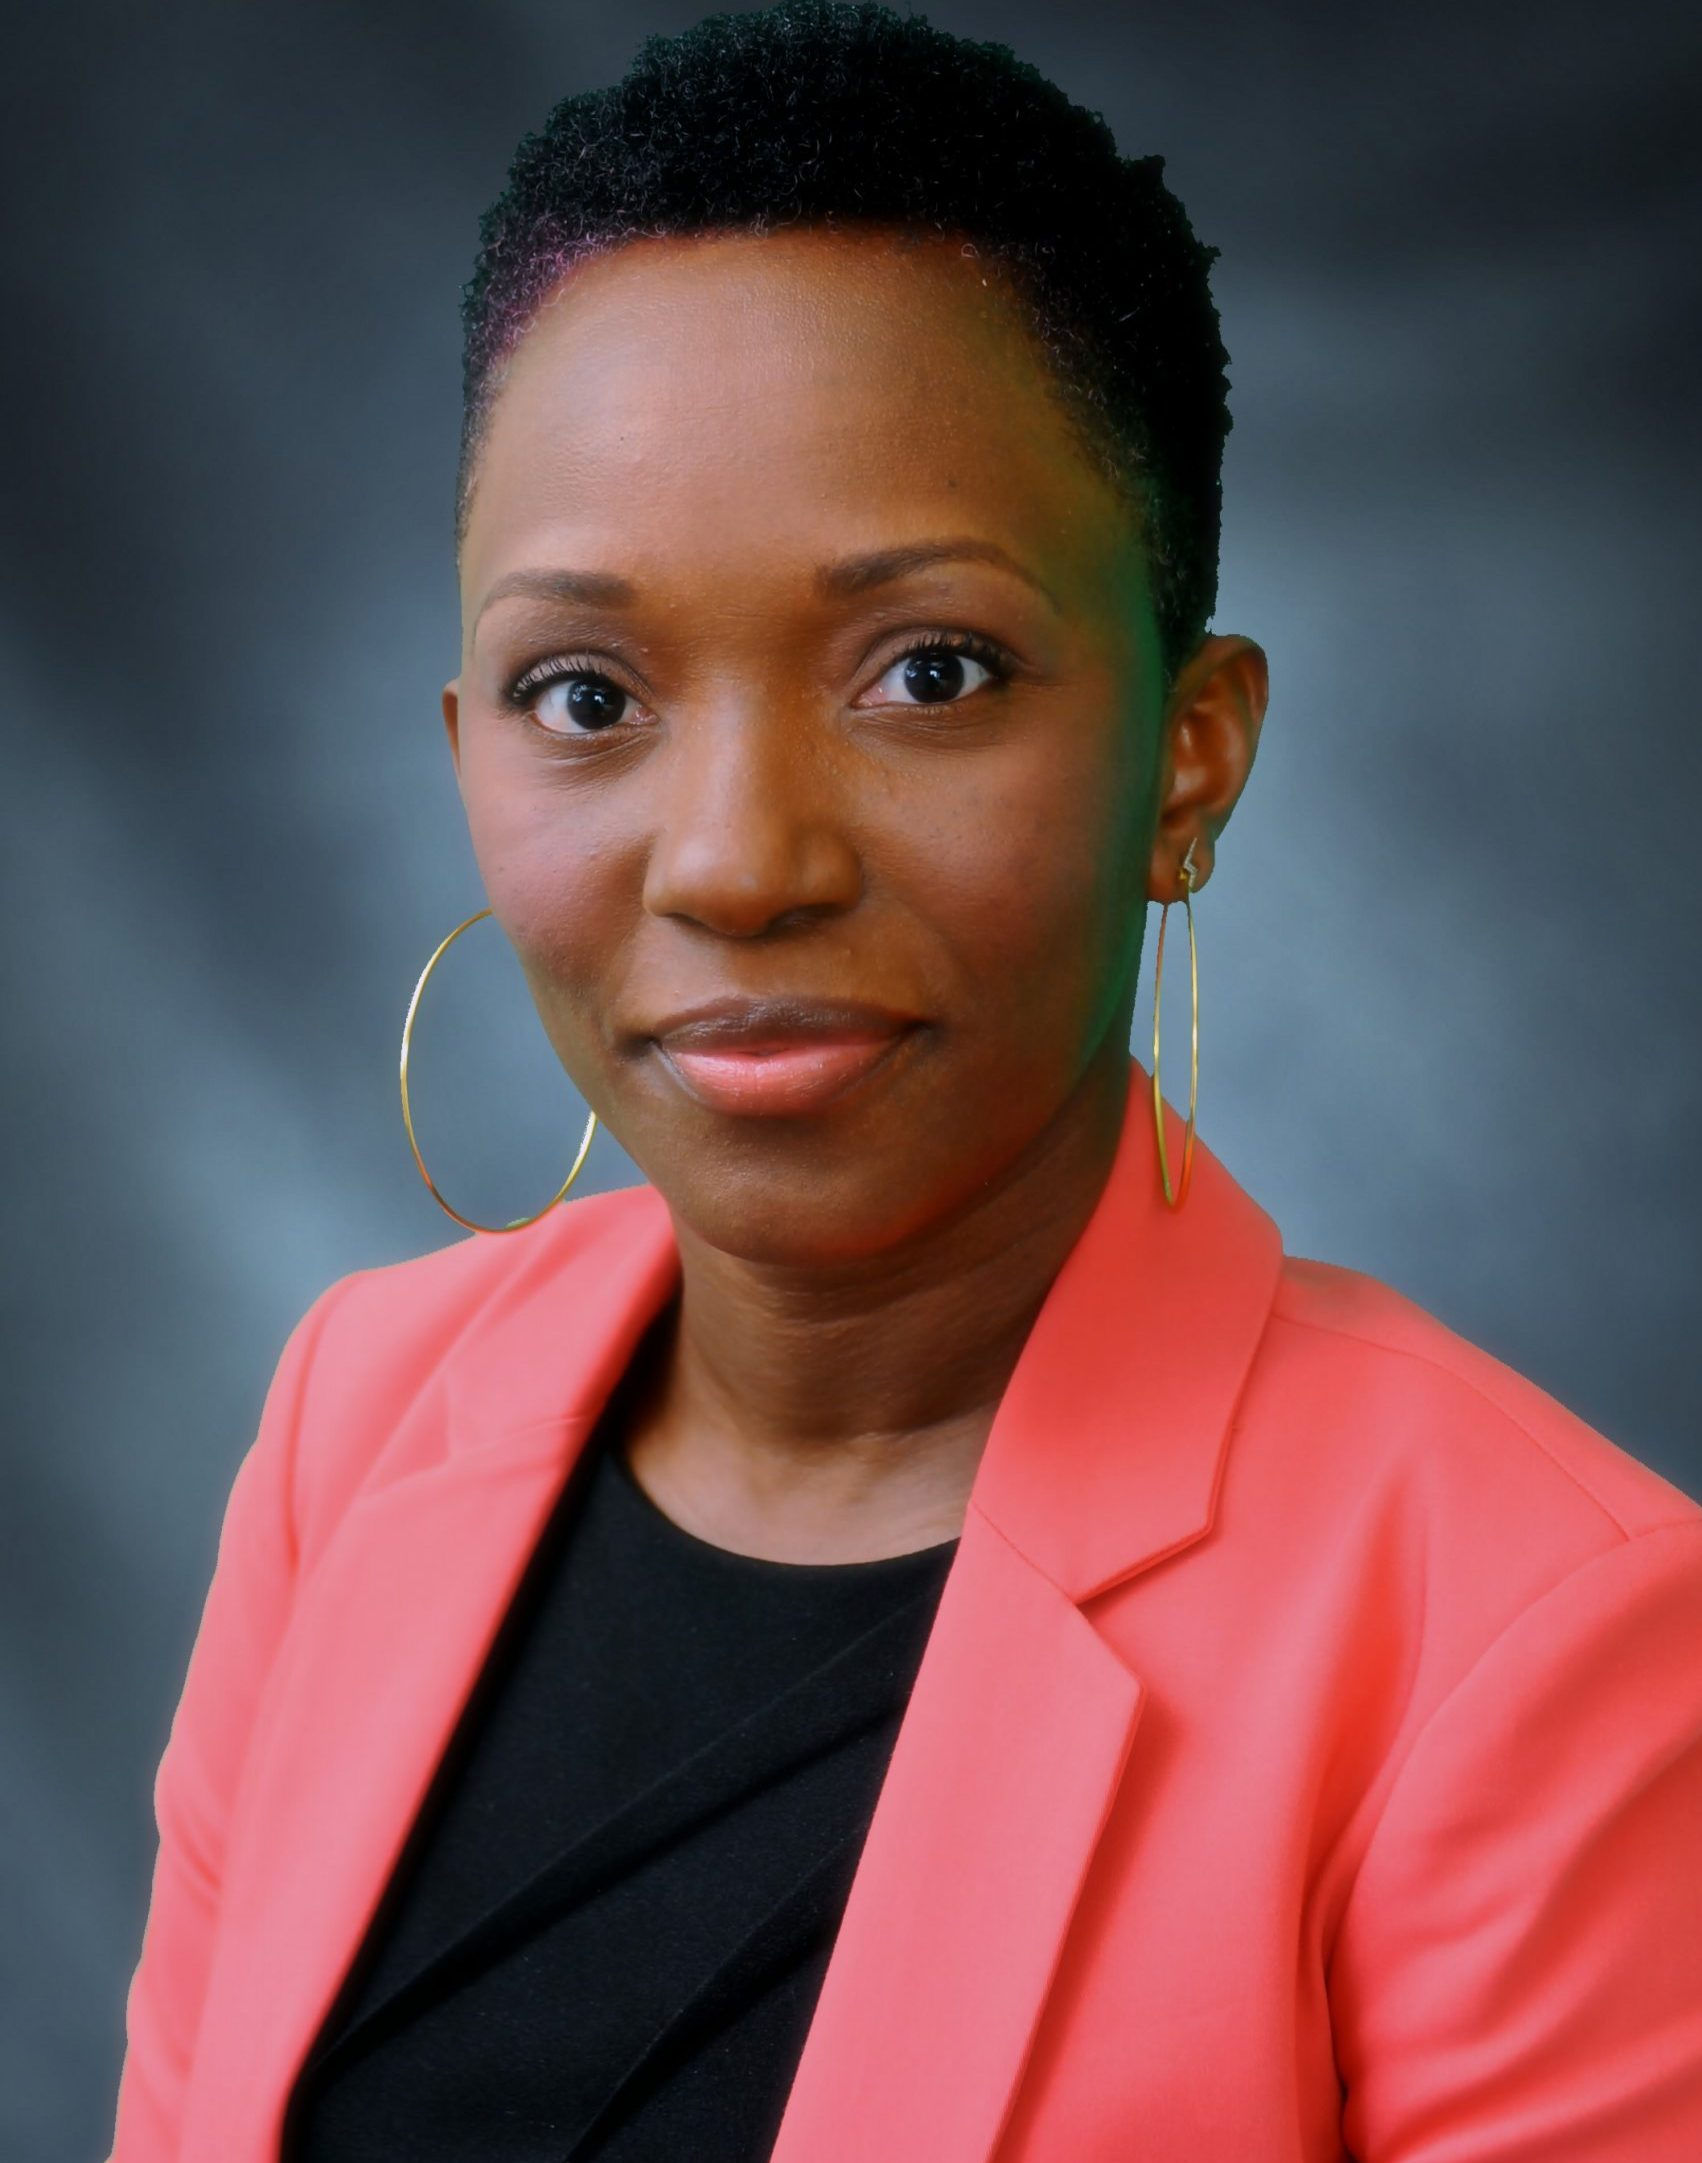 Ms. Prudence Edwards